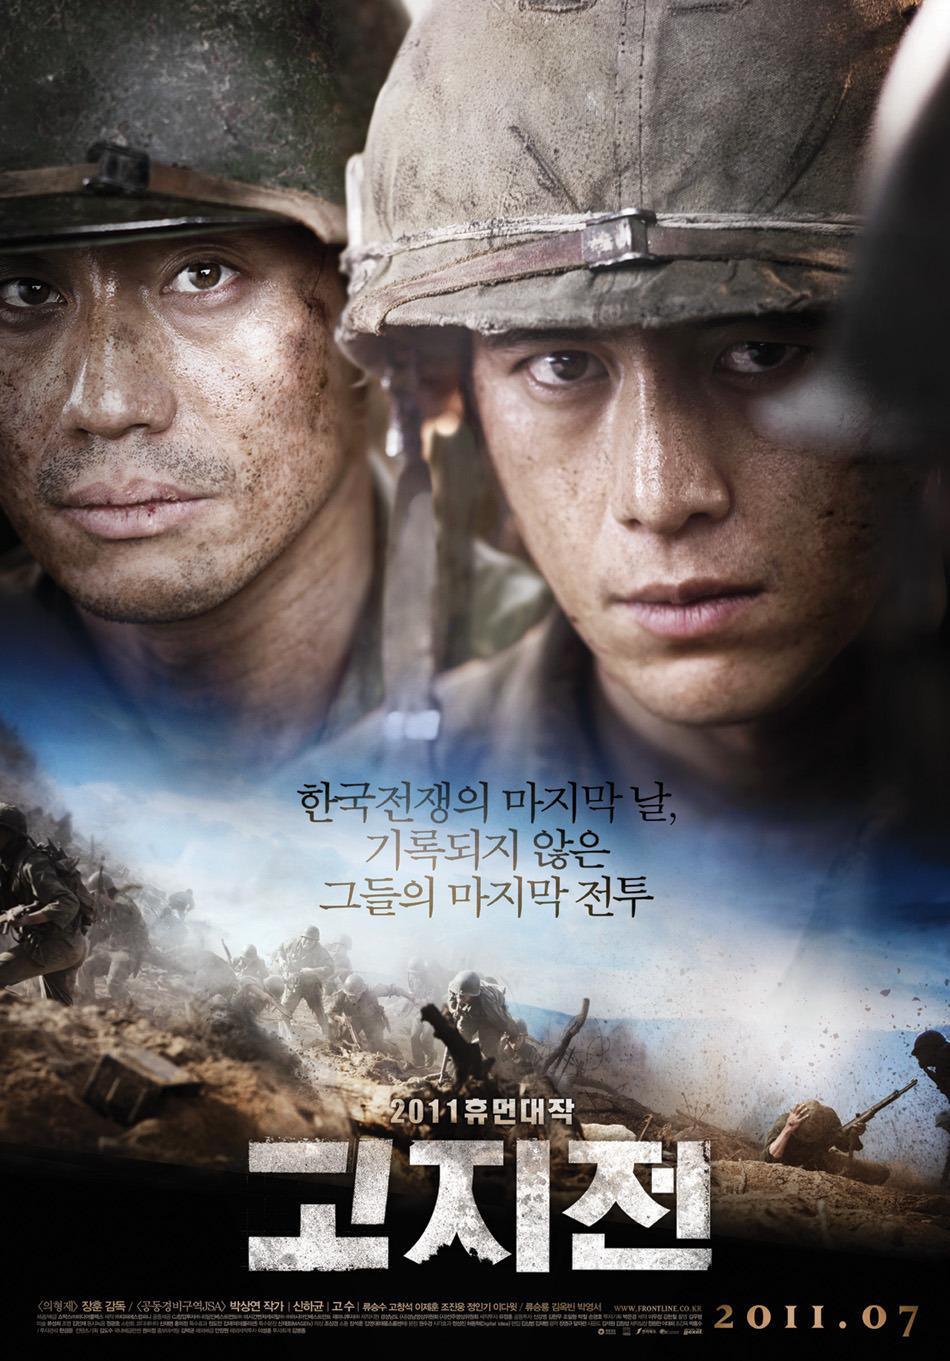 고지전 (The Front Line, 2011)